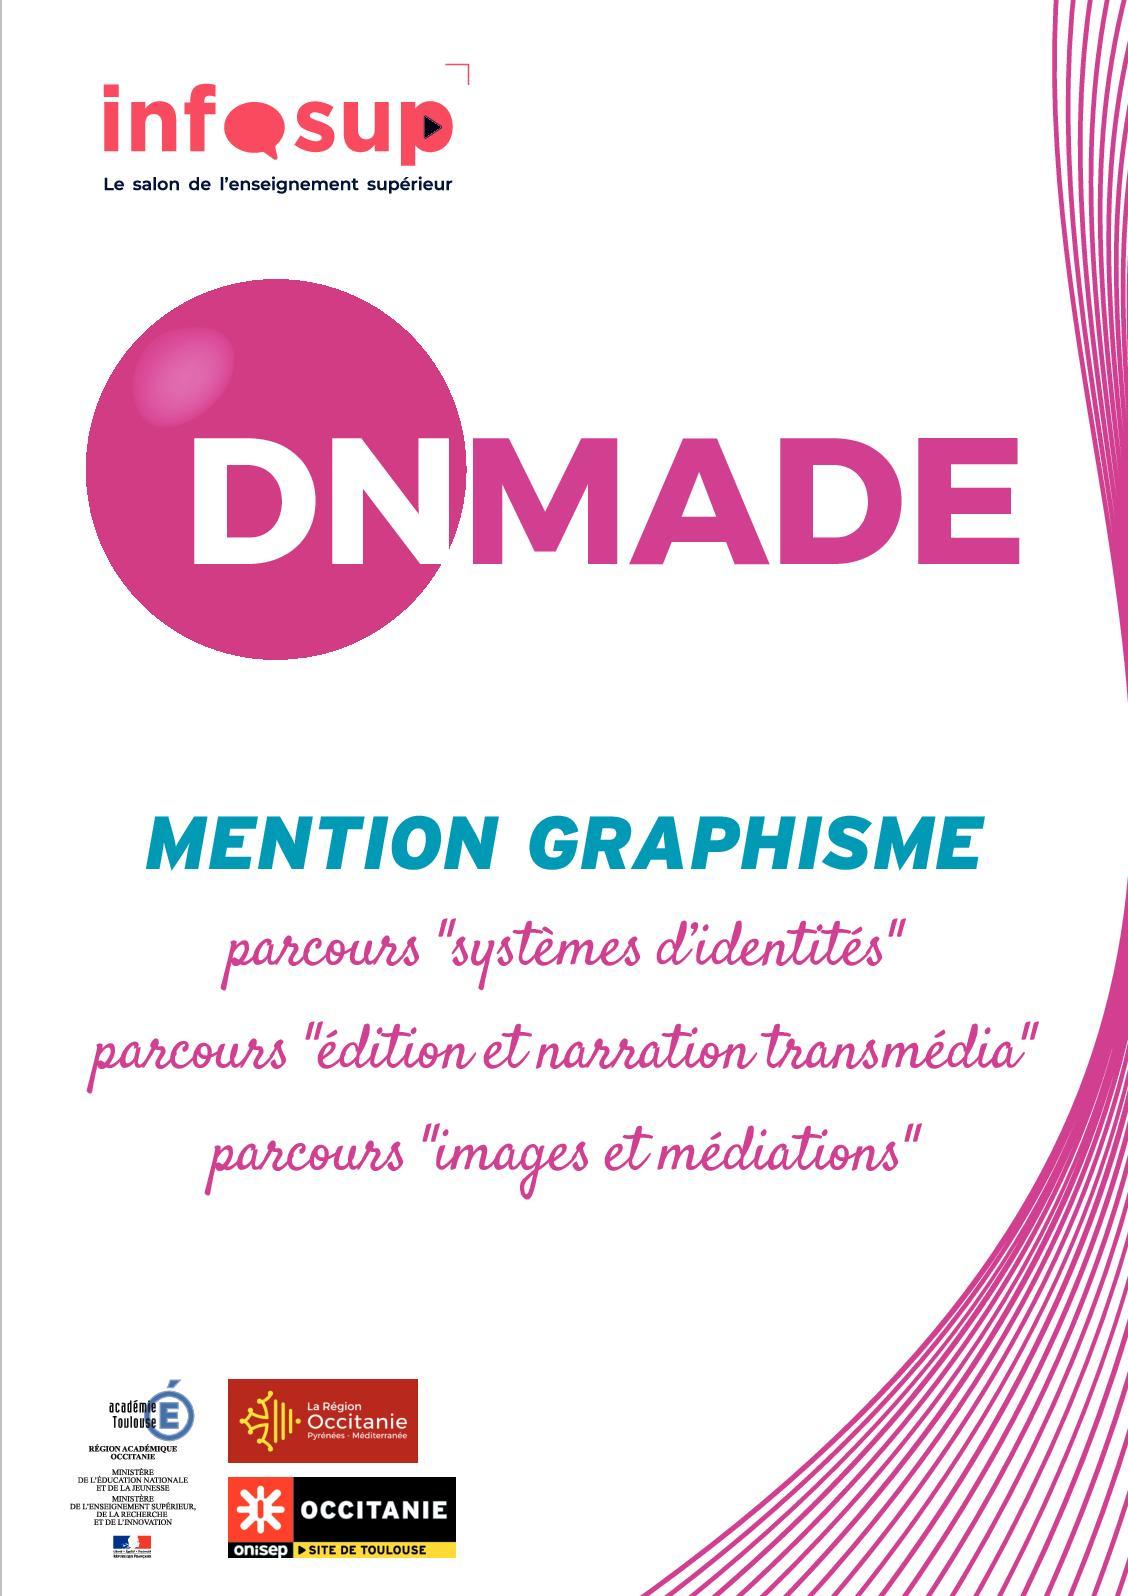 Dsaa Design Produit Toulouse calaméo - dnmade - mention graphisme